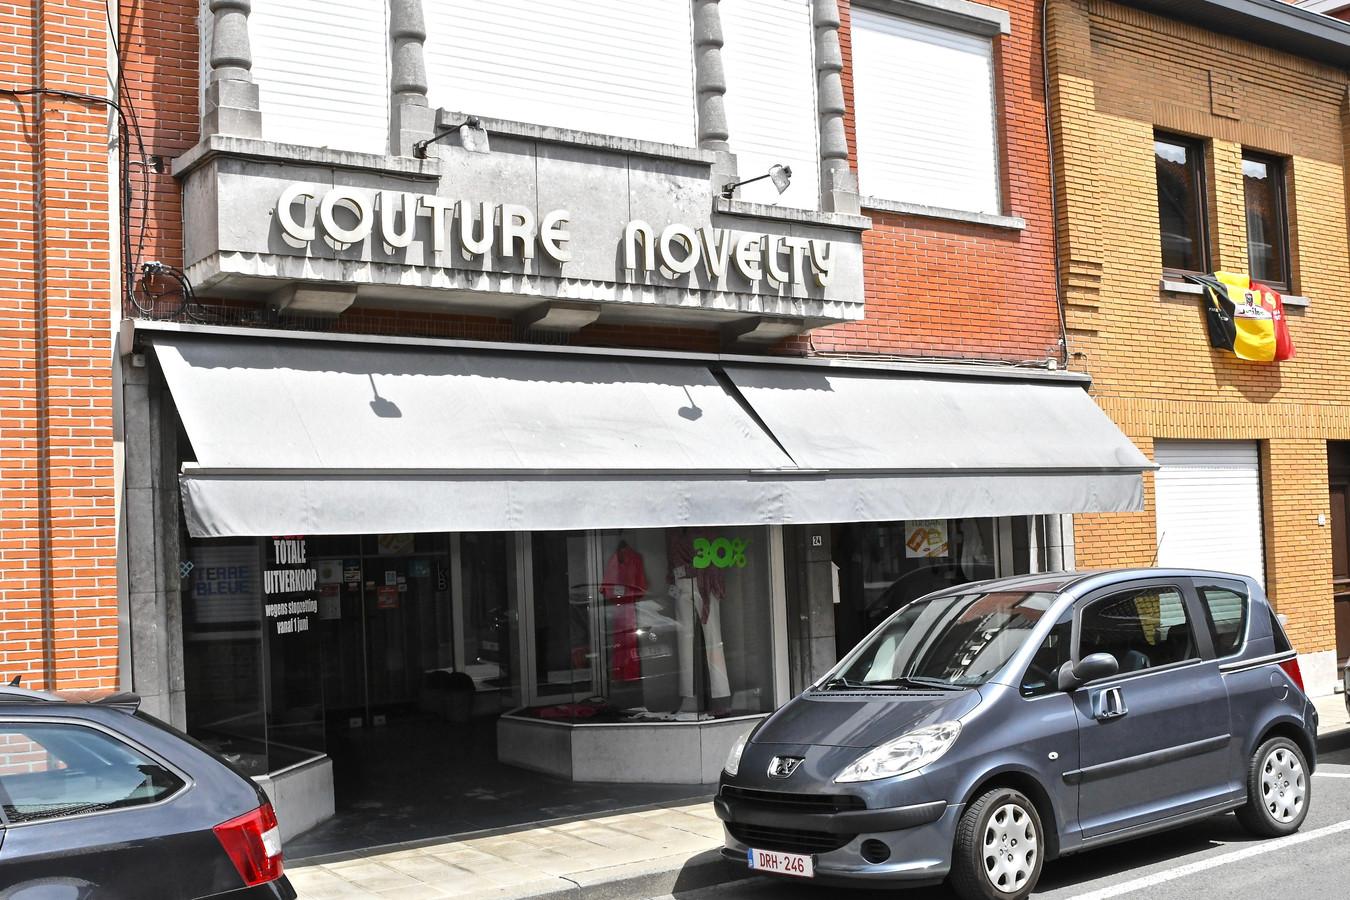 Door de jaren heen bouwde Couture Novelty een goede naam en faam op.